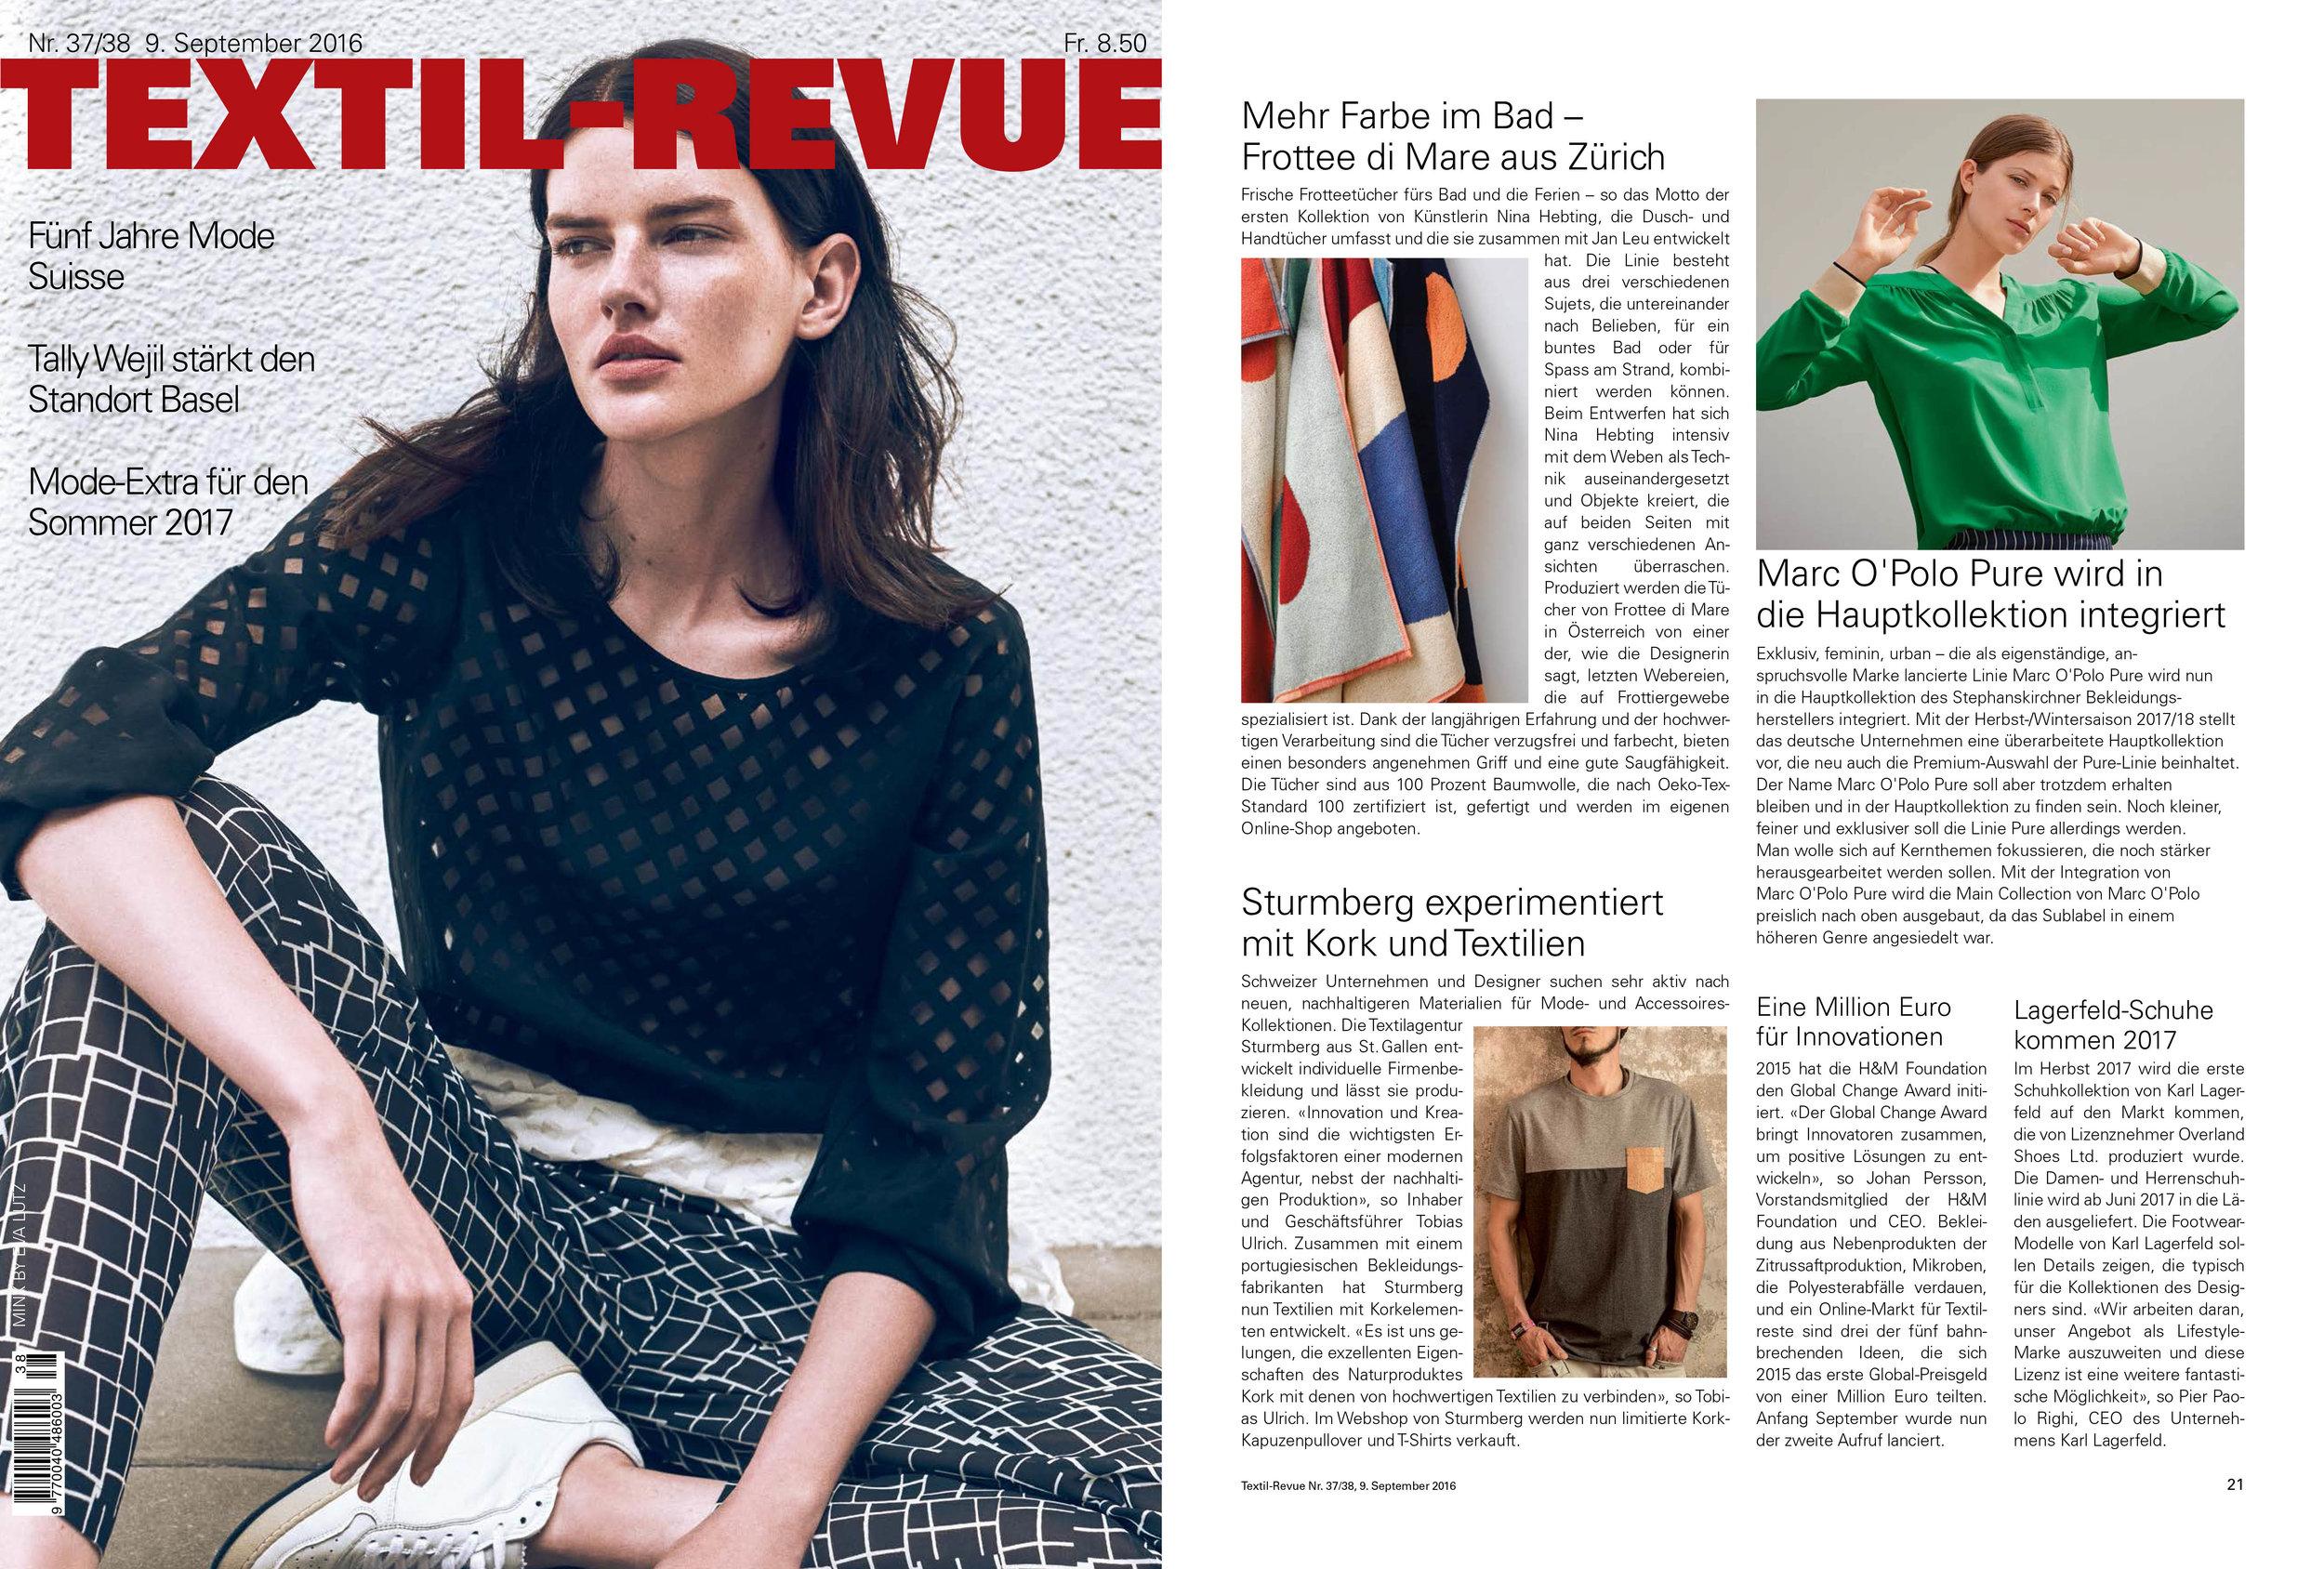 Textil-Revue – Sept. 2016